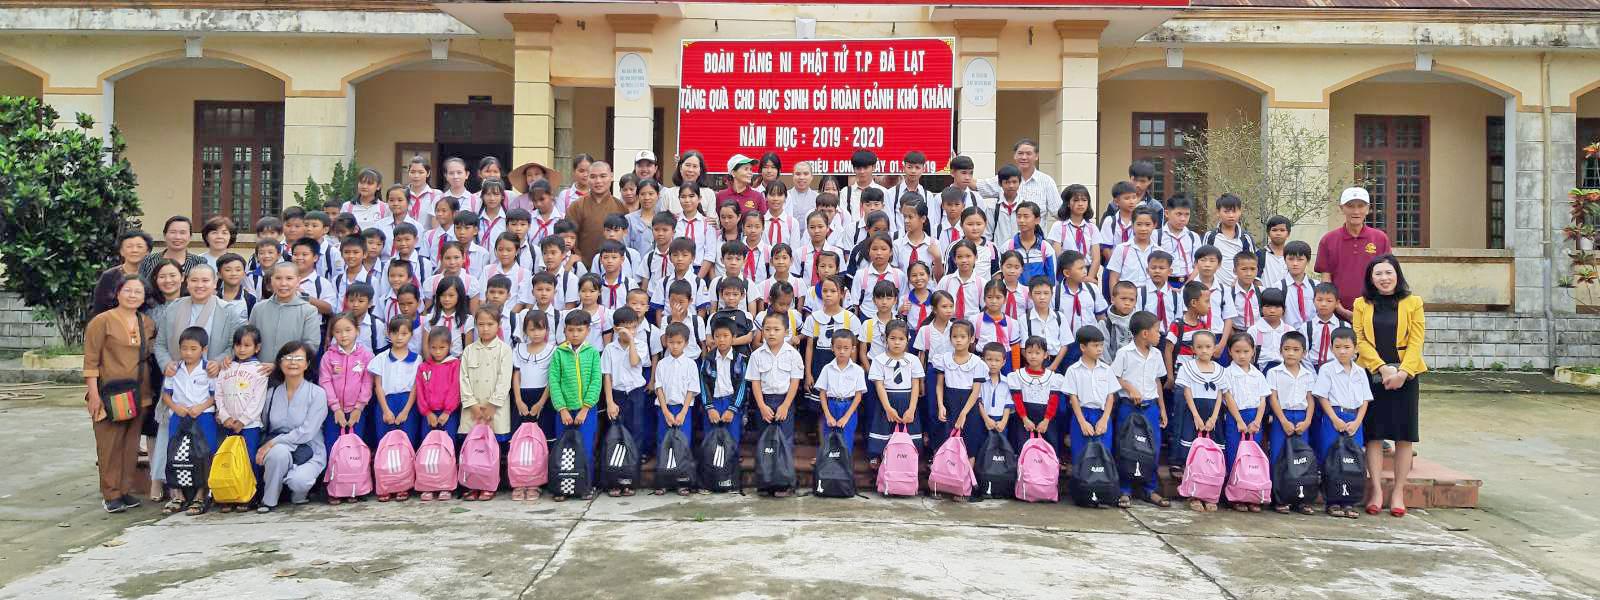 TQ.QuangTri.88